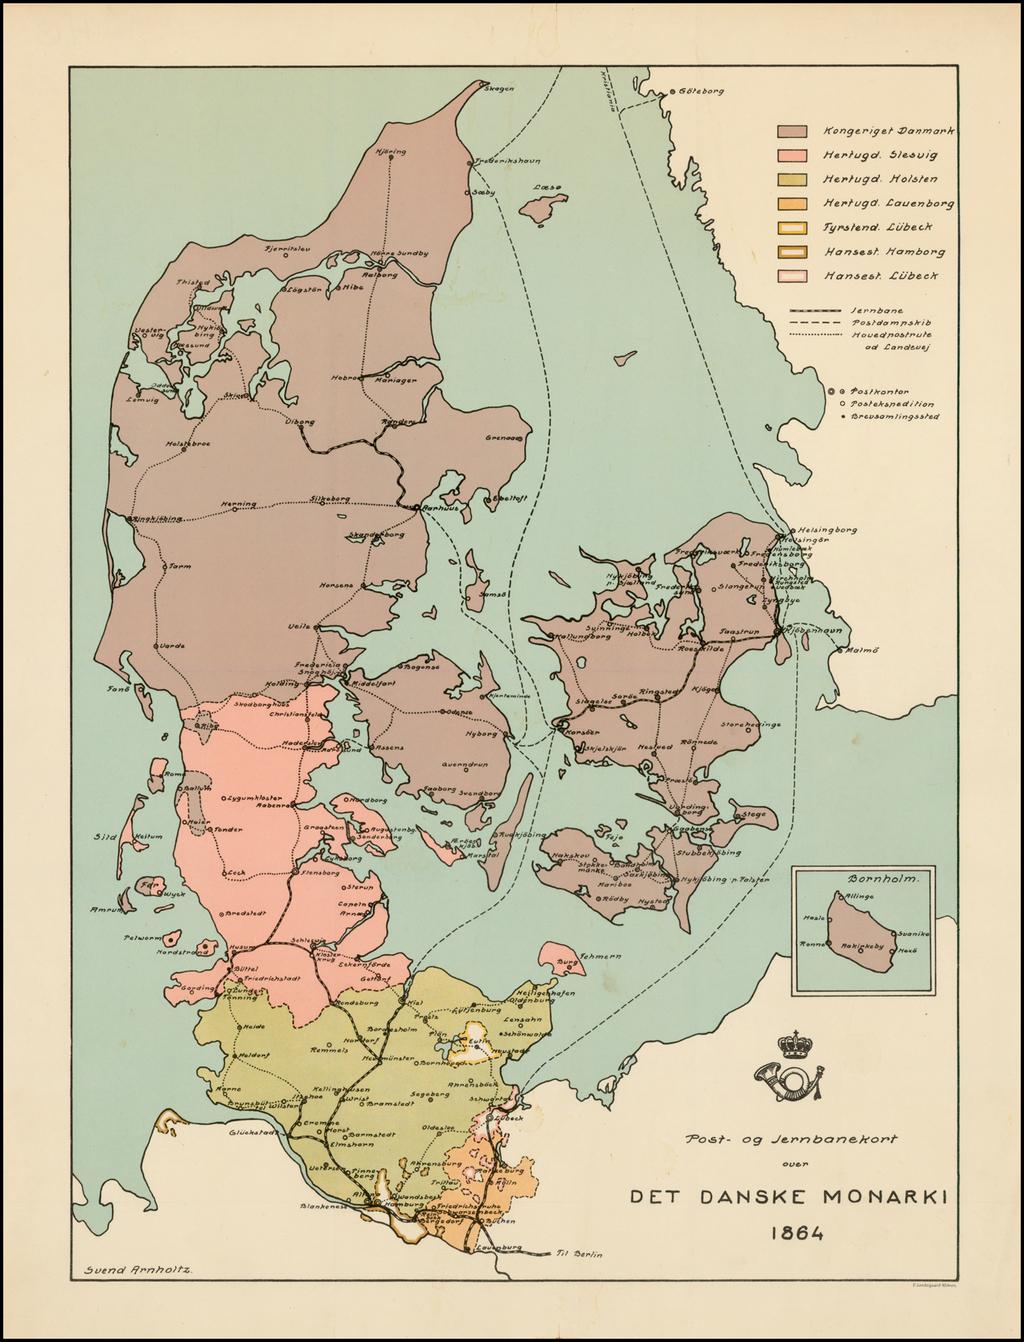 Post-og Jernbanekort over Det Danske Monarki 1864 By Svend Arnholtz